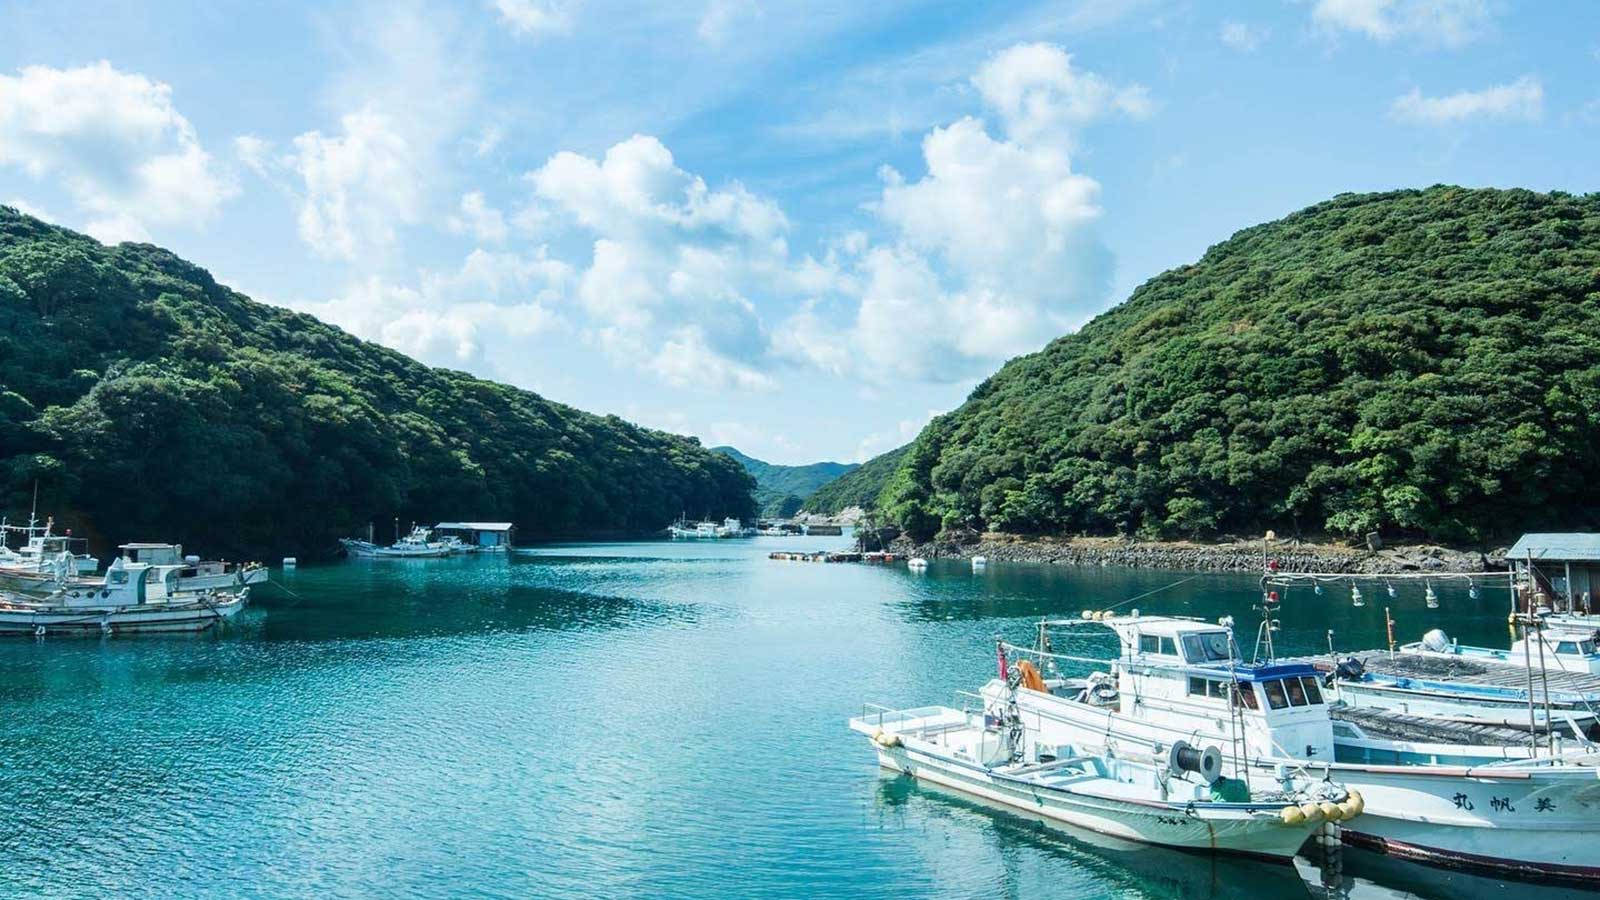 上五島の青い海と空、そして豊かな緑の中で芋焼酎「五島灘」は造られている。